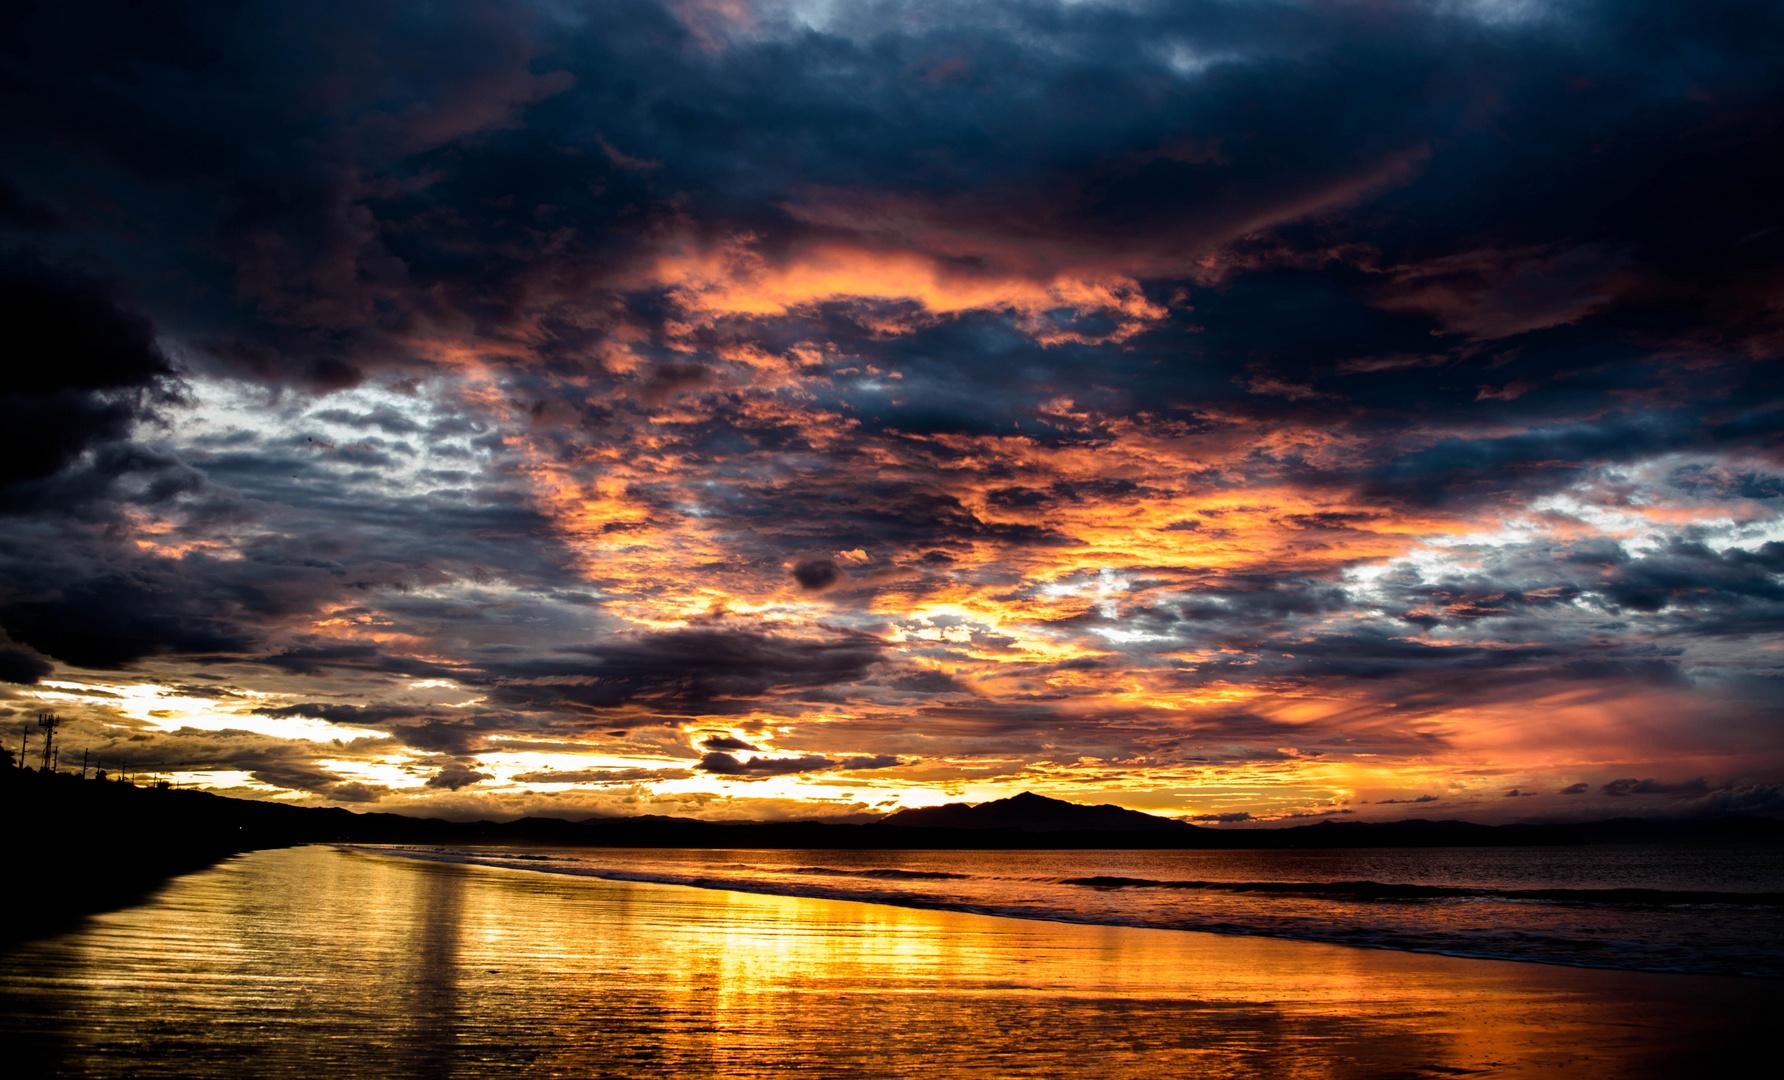 Amanecer en playa Cocalito, Puntarenas Costa Rica